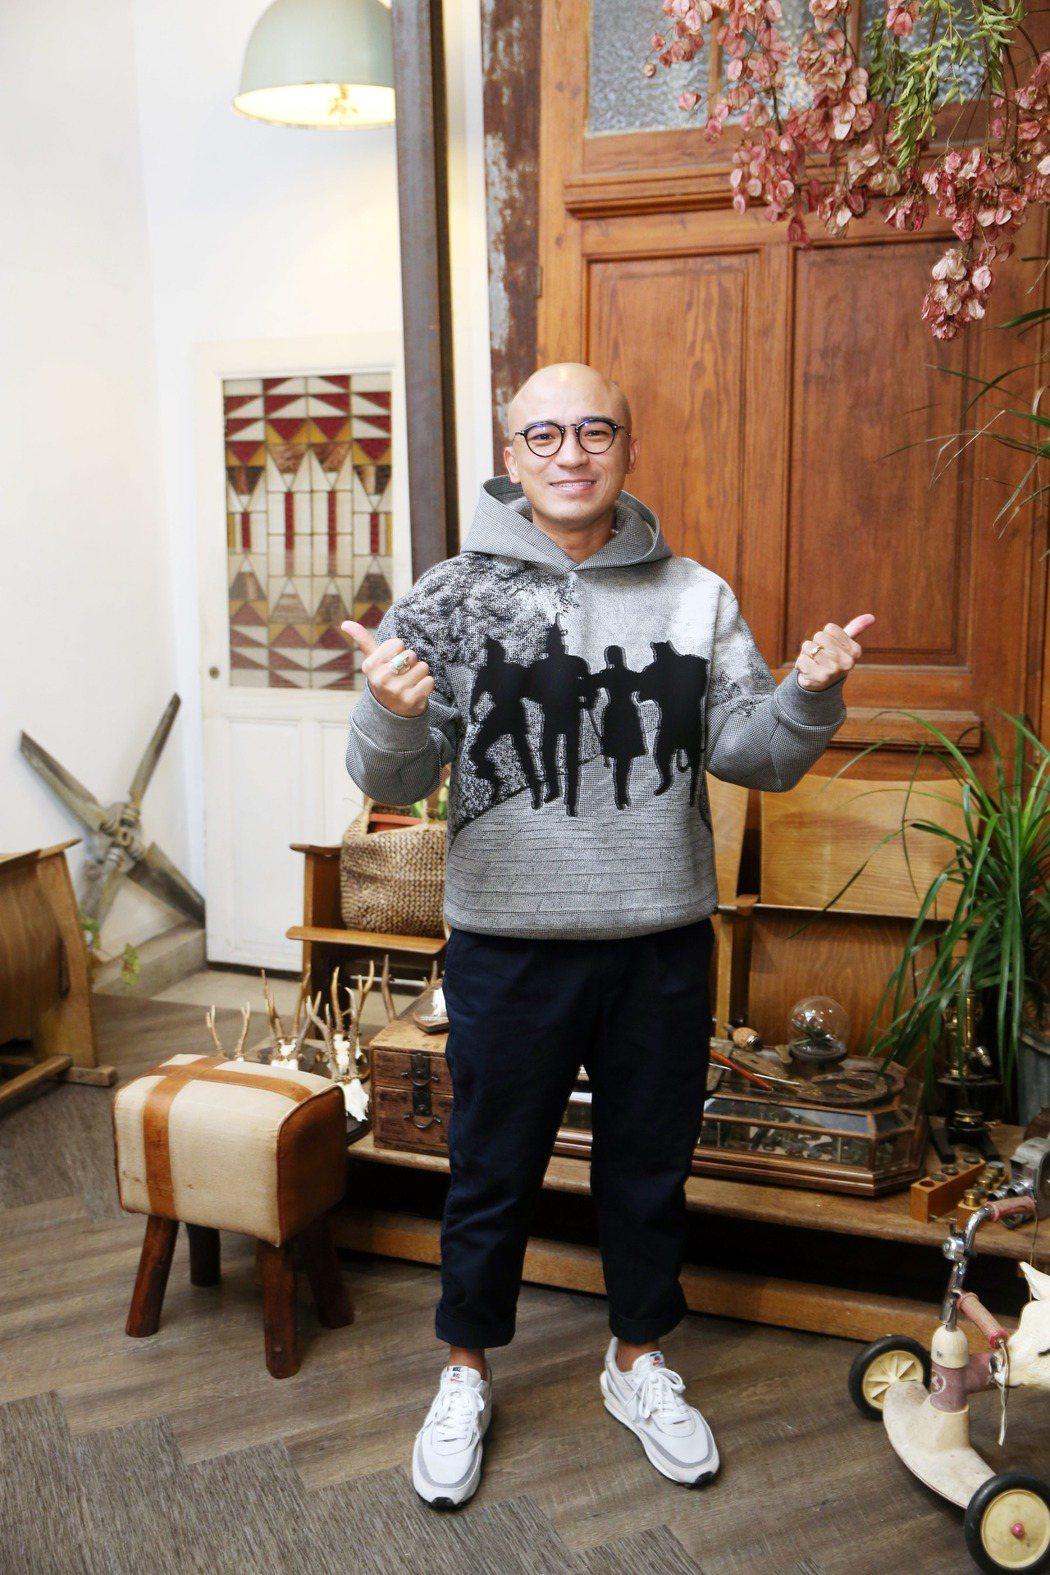 倪子鈞(小馬)同名專輯「倪子鈞」舉行發片記者會。記者邱德祥/攝影